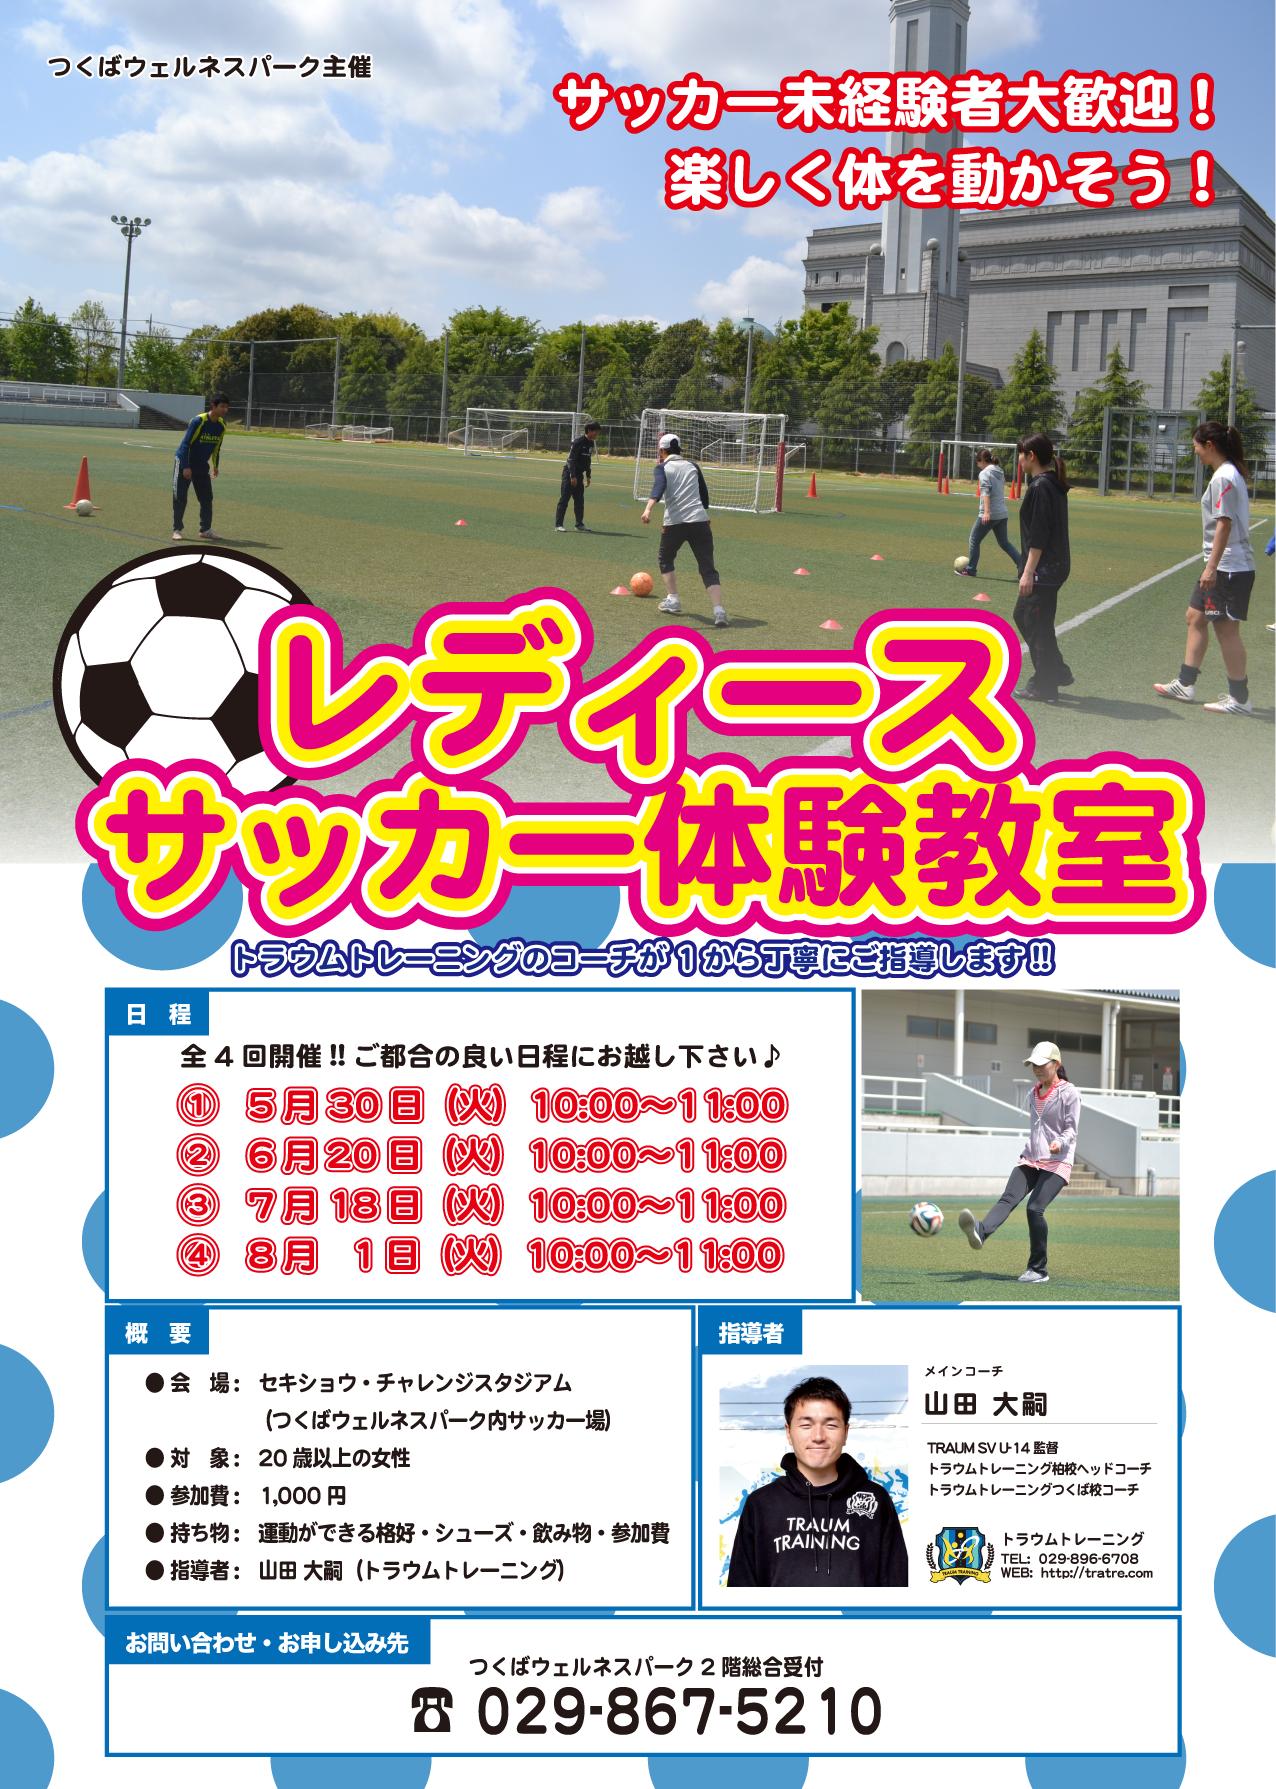 レディースサッカー2017ちらし-01